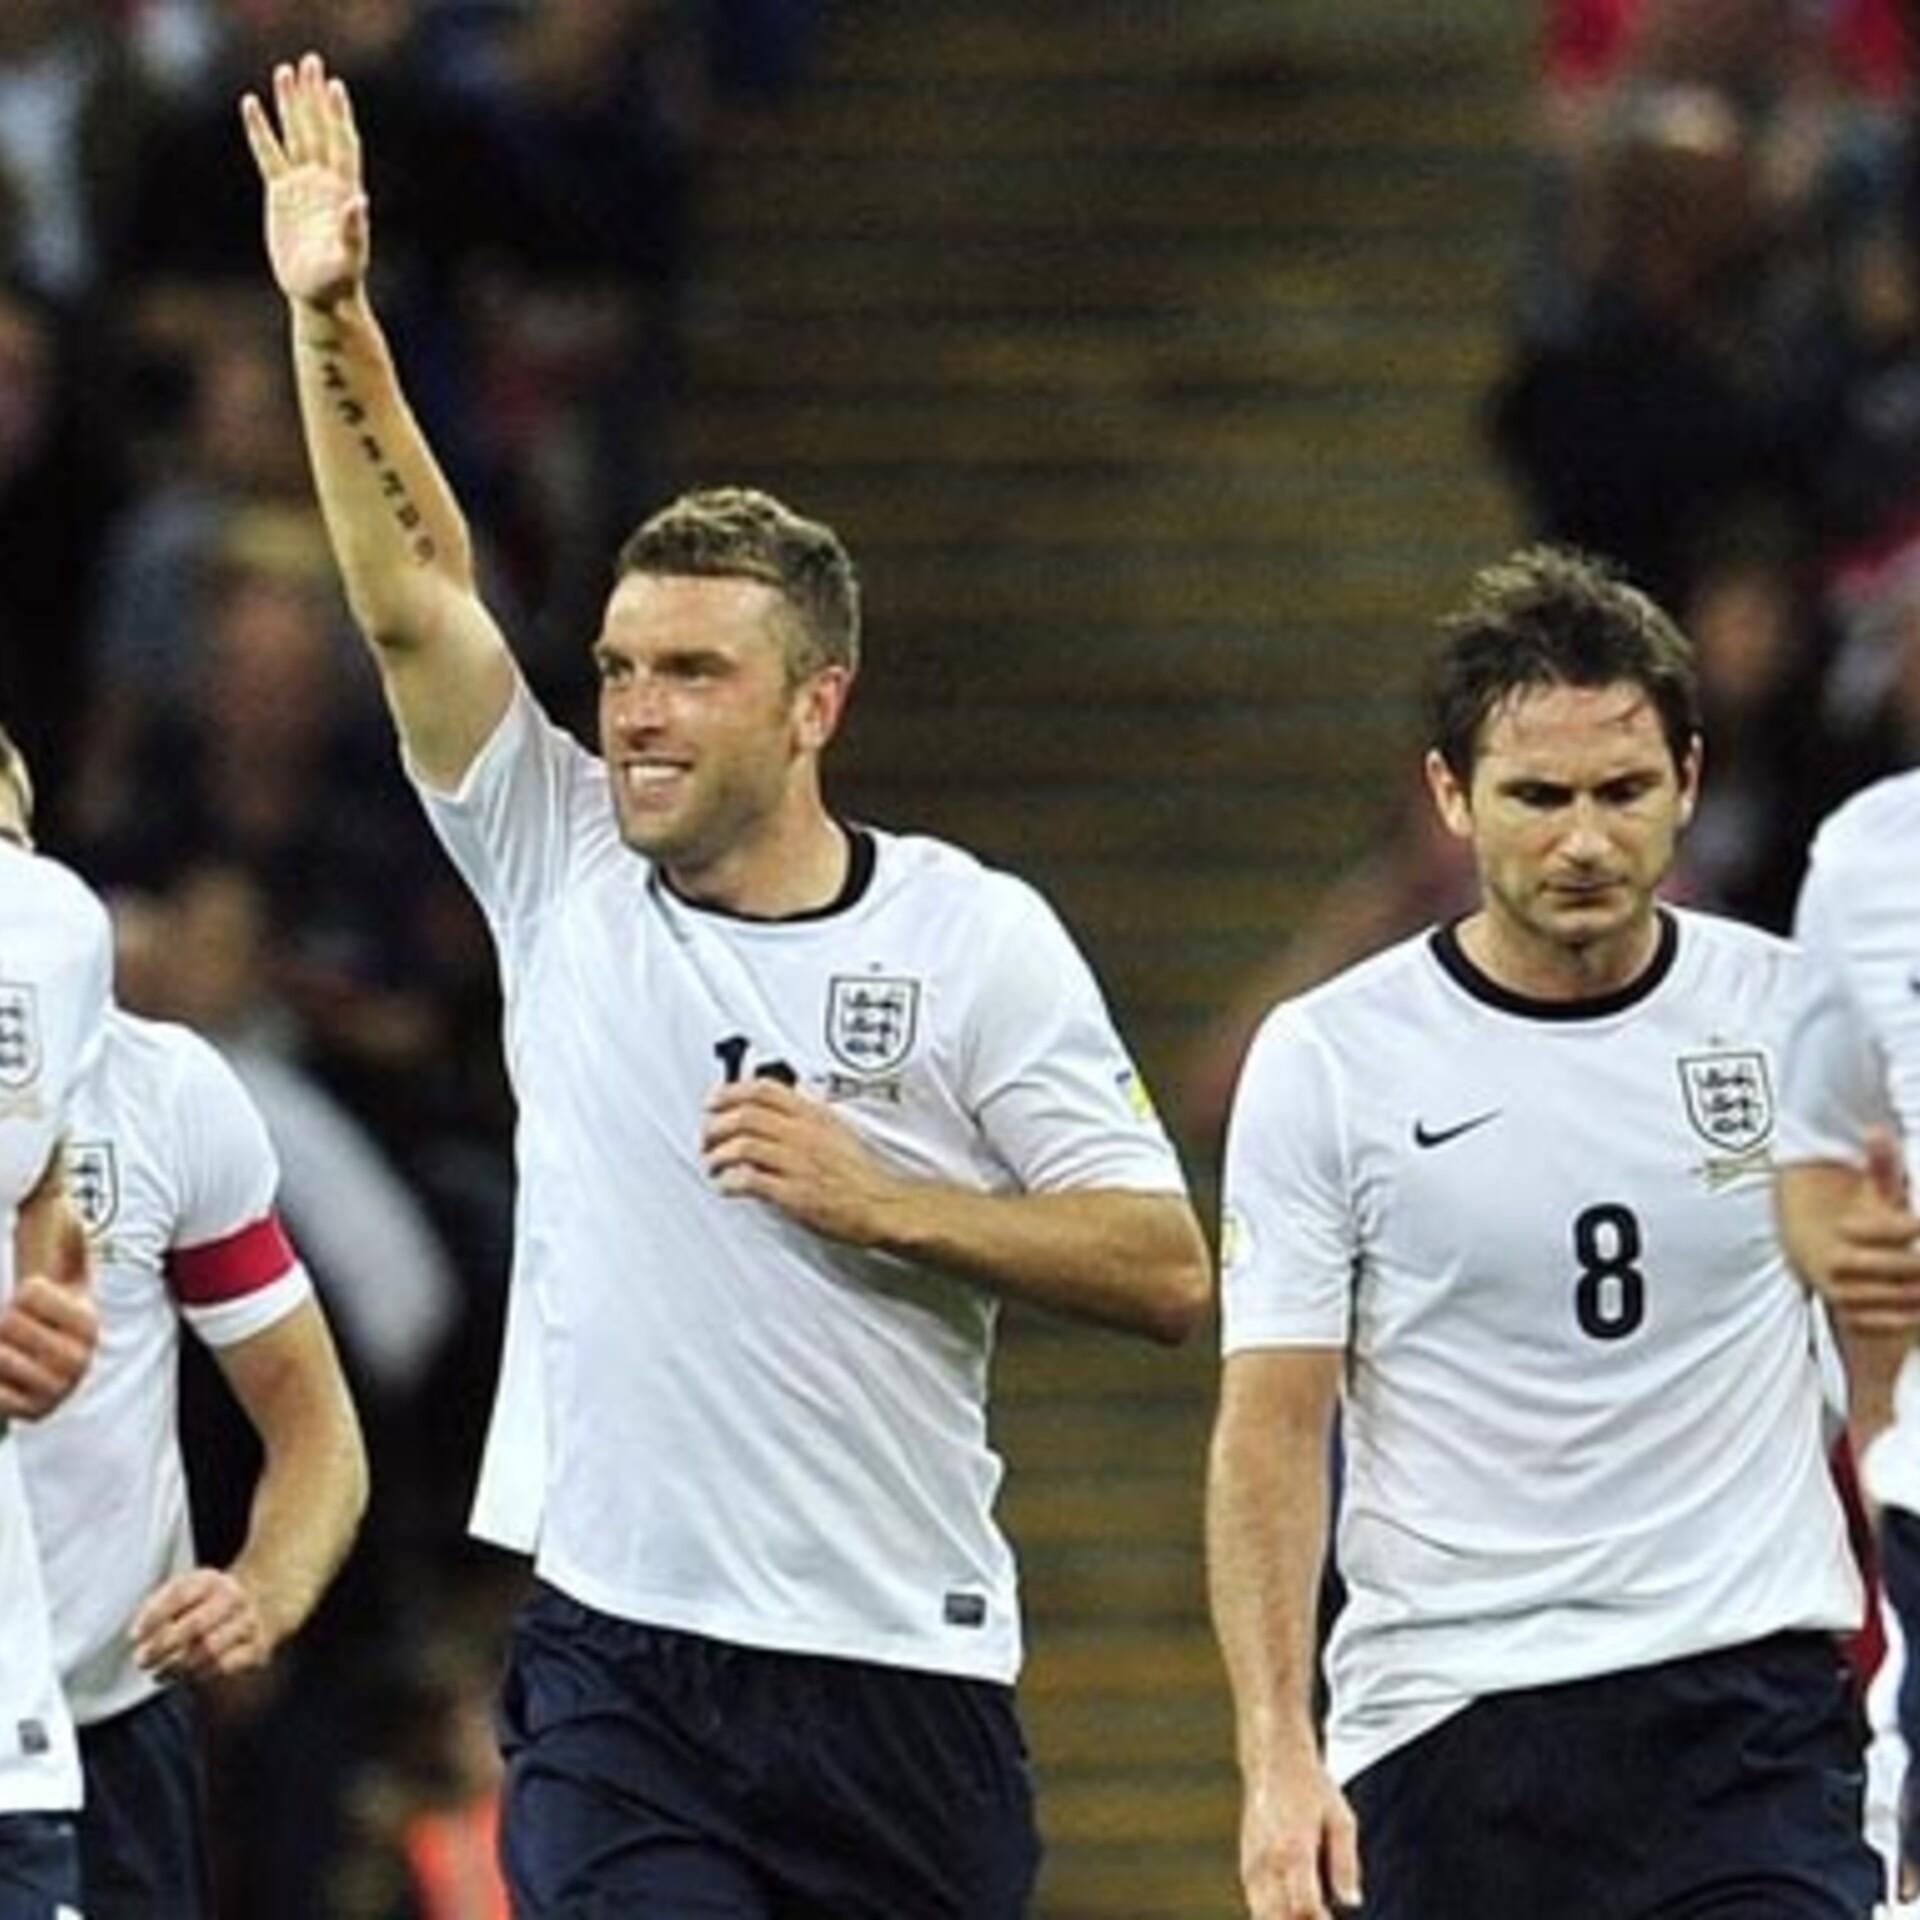 3821cc0ebd5 H-grupp: Inglismaa tõusis liidriks, Ukrainale ajaloo suurim võit | Jalgpall  | ERR